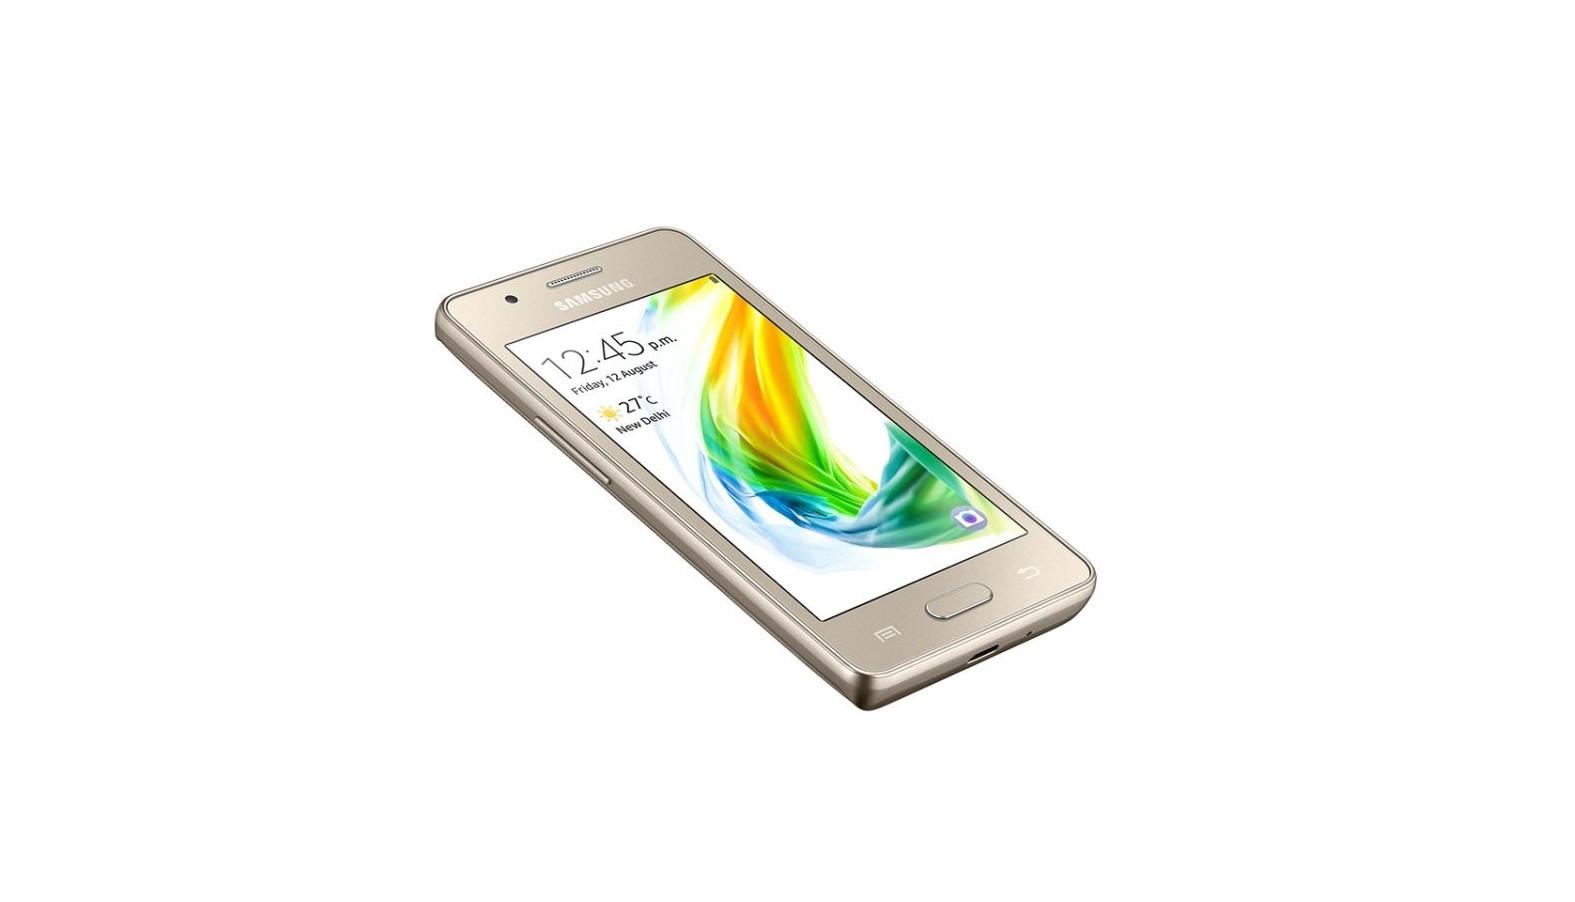 Samsung chystá telefon s operačním systémem Tizen 3.0